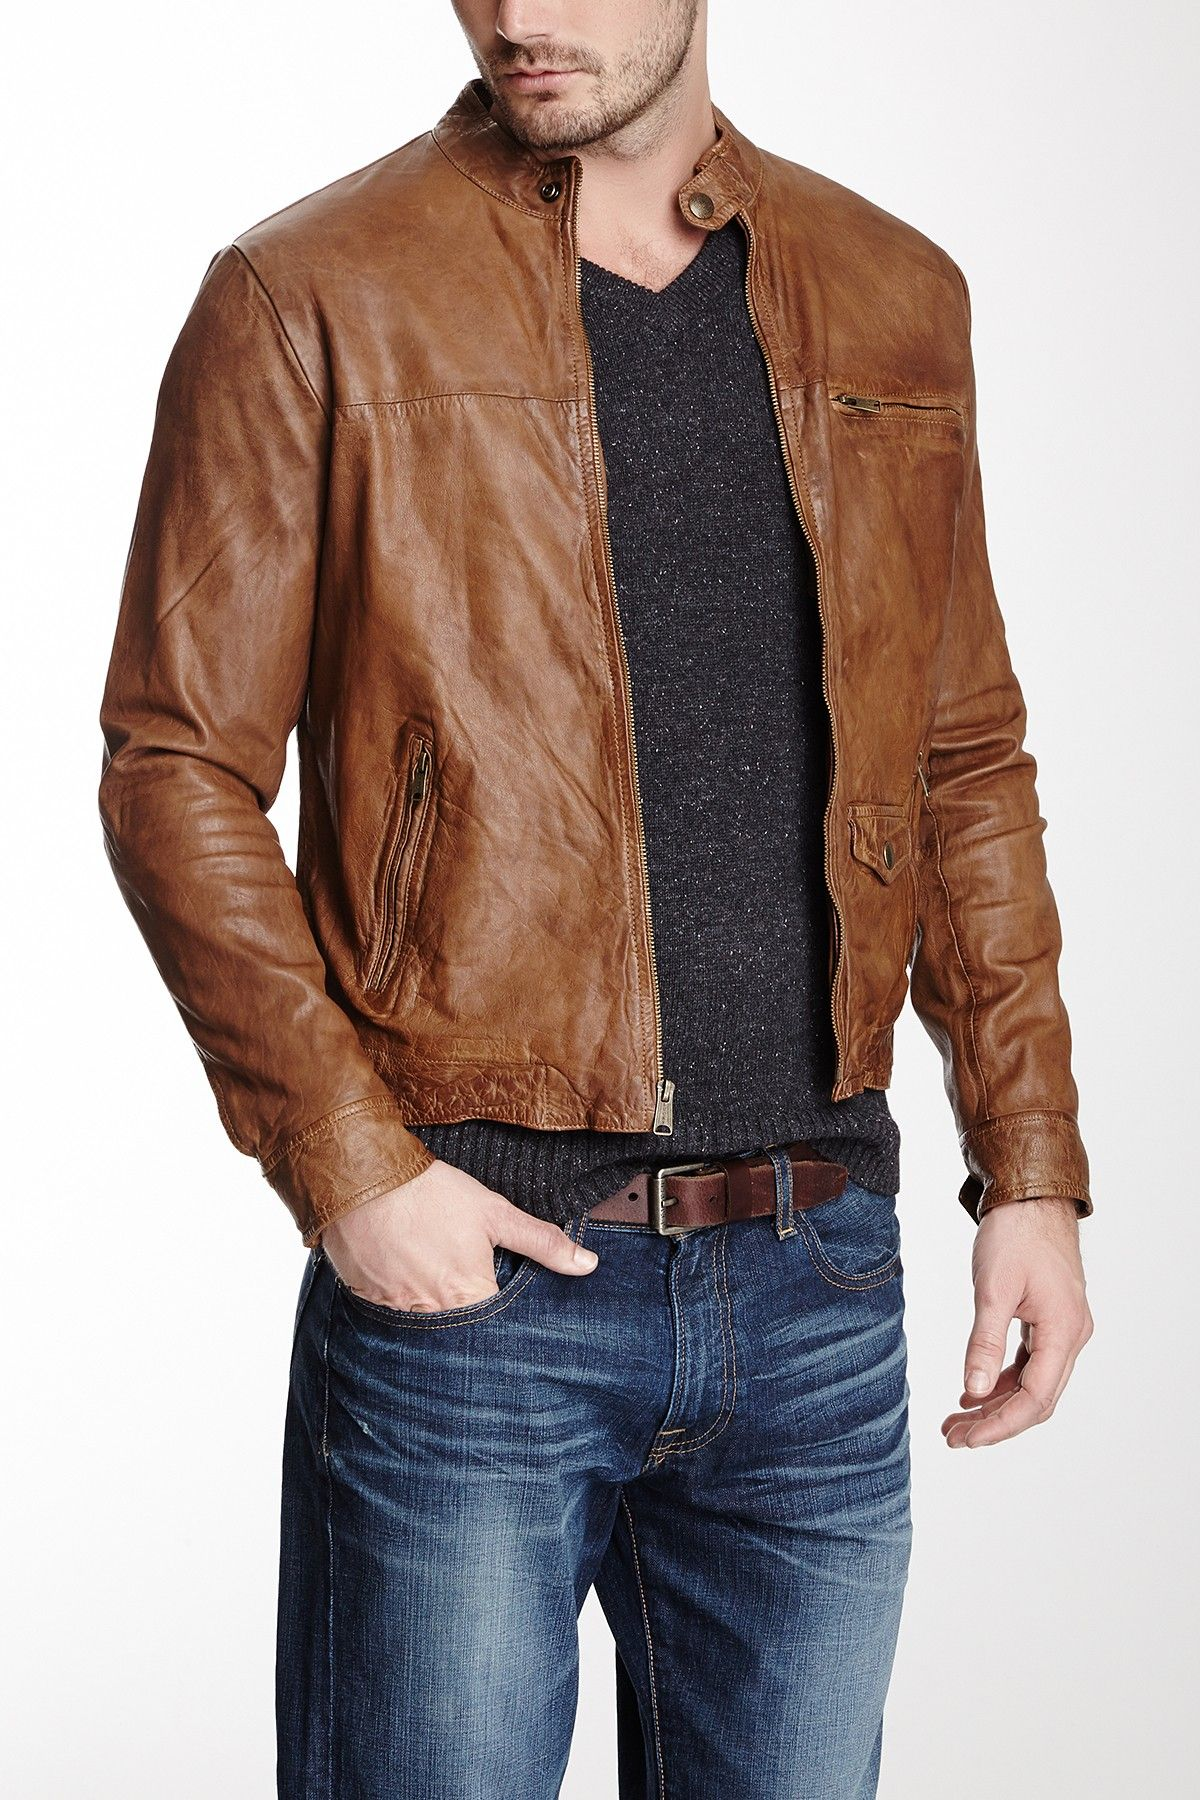 Men Brown Fur Jacket Fur leather jacket, Leather jacket